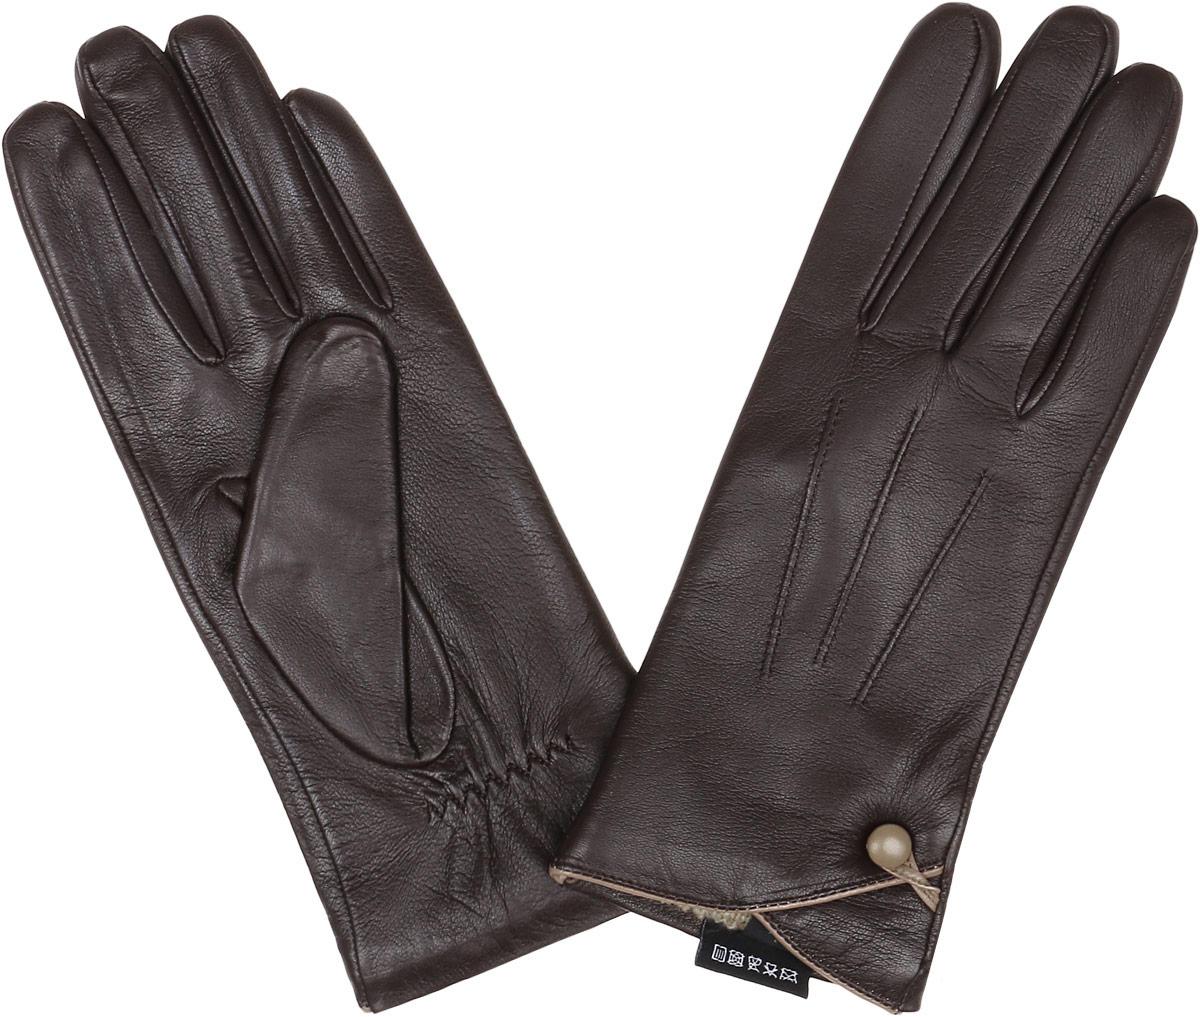 Перчатки12.38-2 chocolateСтильные женские перчатки Fabretti не только защитят ваши руки, но и станут великолепным украшением. Перчатки выполнены из натуральной кожи ягненка, а их подкладка - из высококачественной шерсти с добавлением кашемира. Модель оформлена оригинальными строчками-стежками и дополнена небольшой пуговкой с петелькой. Стильный аксессуар для повседневного образа.